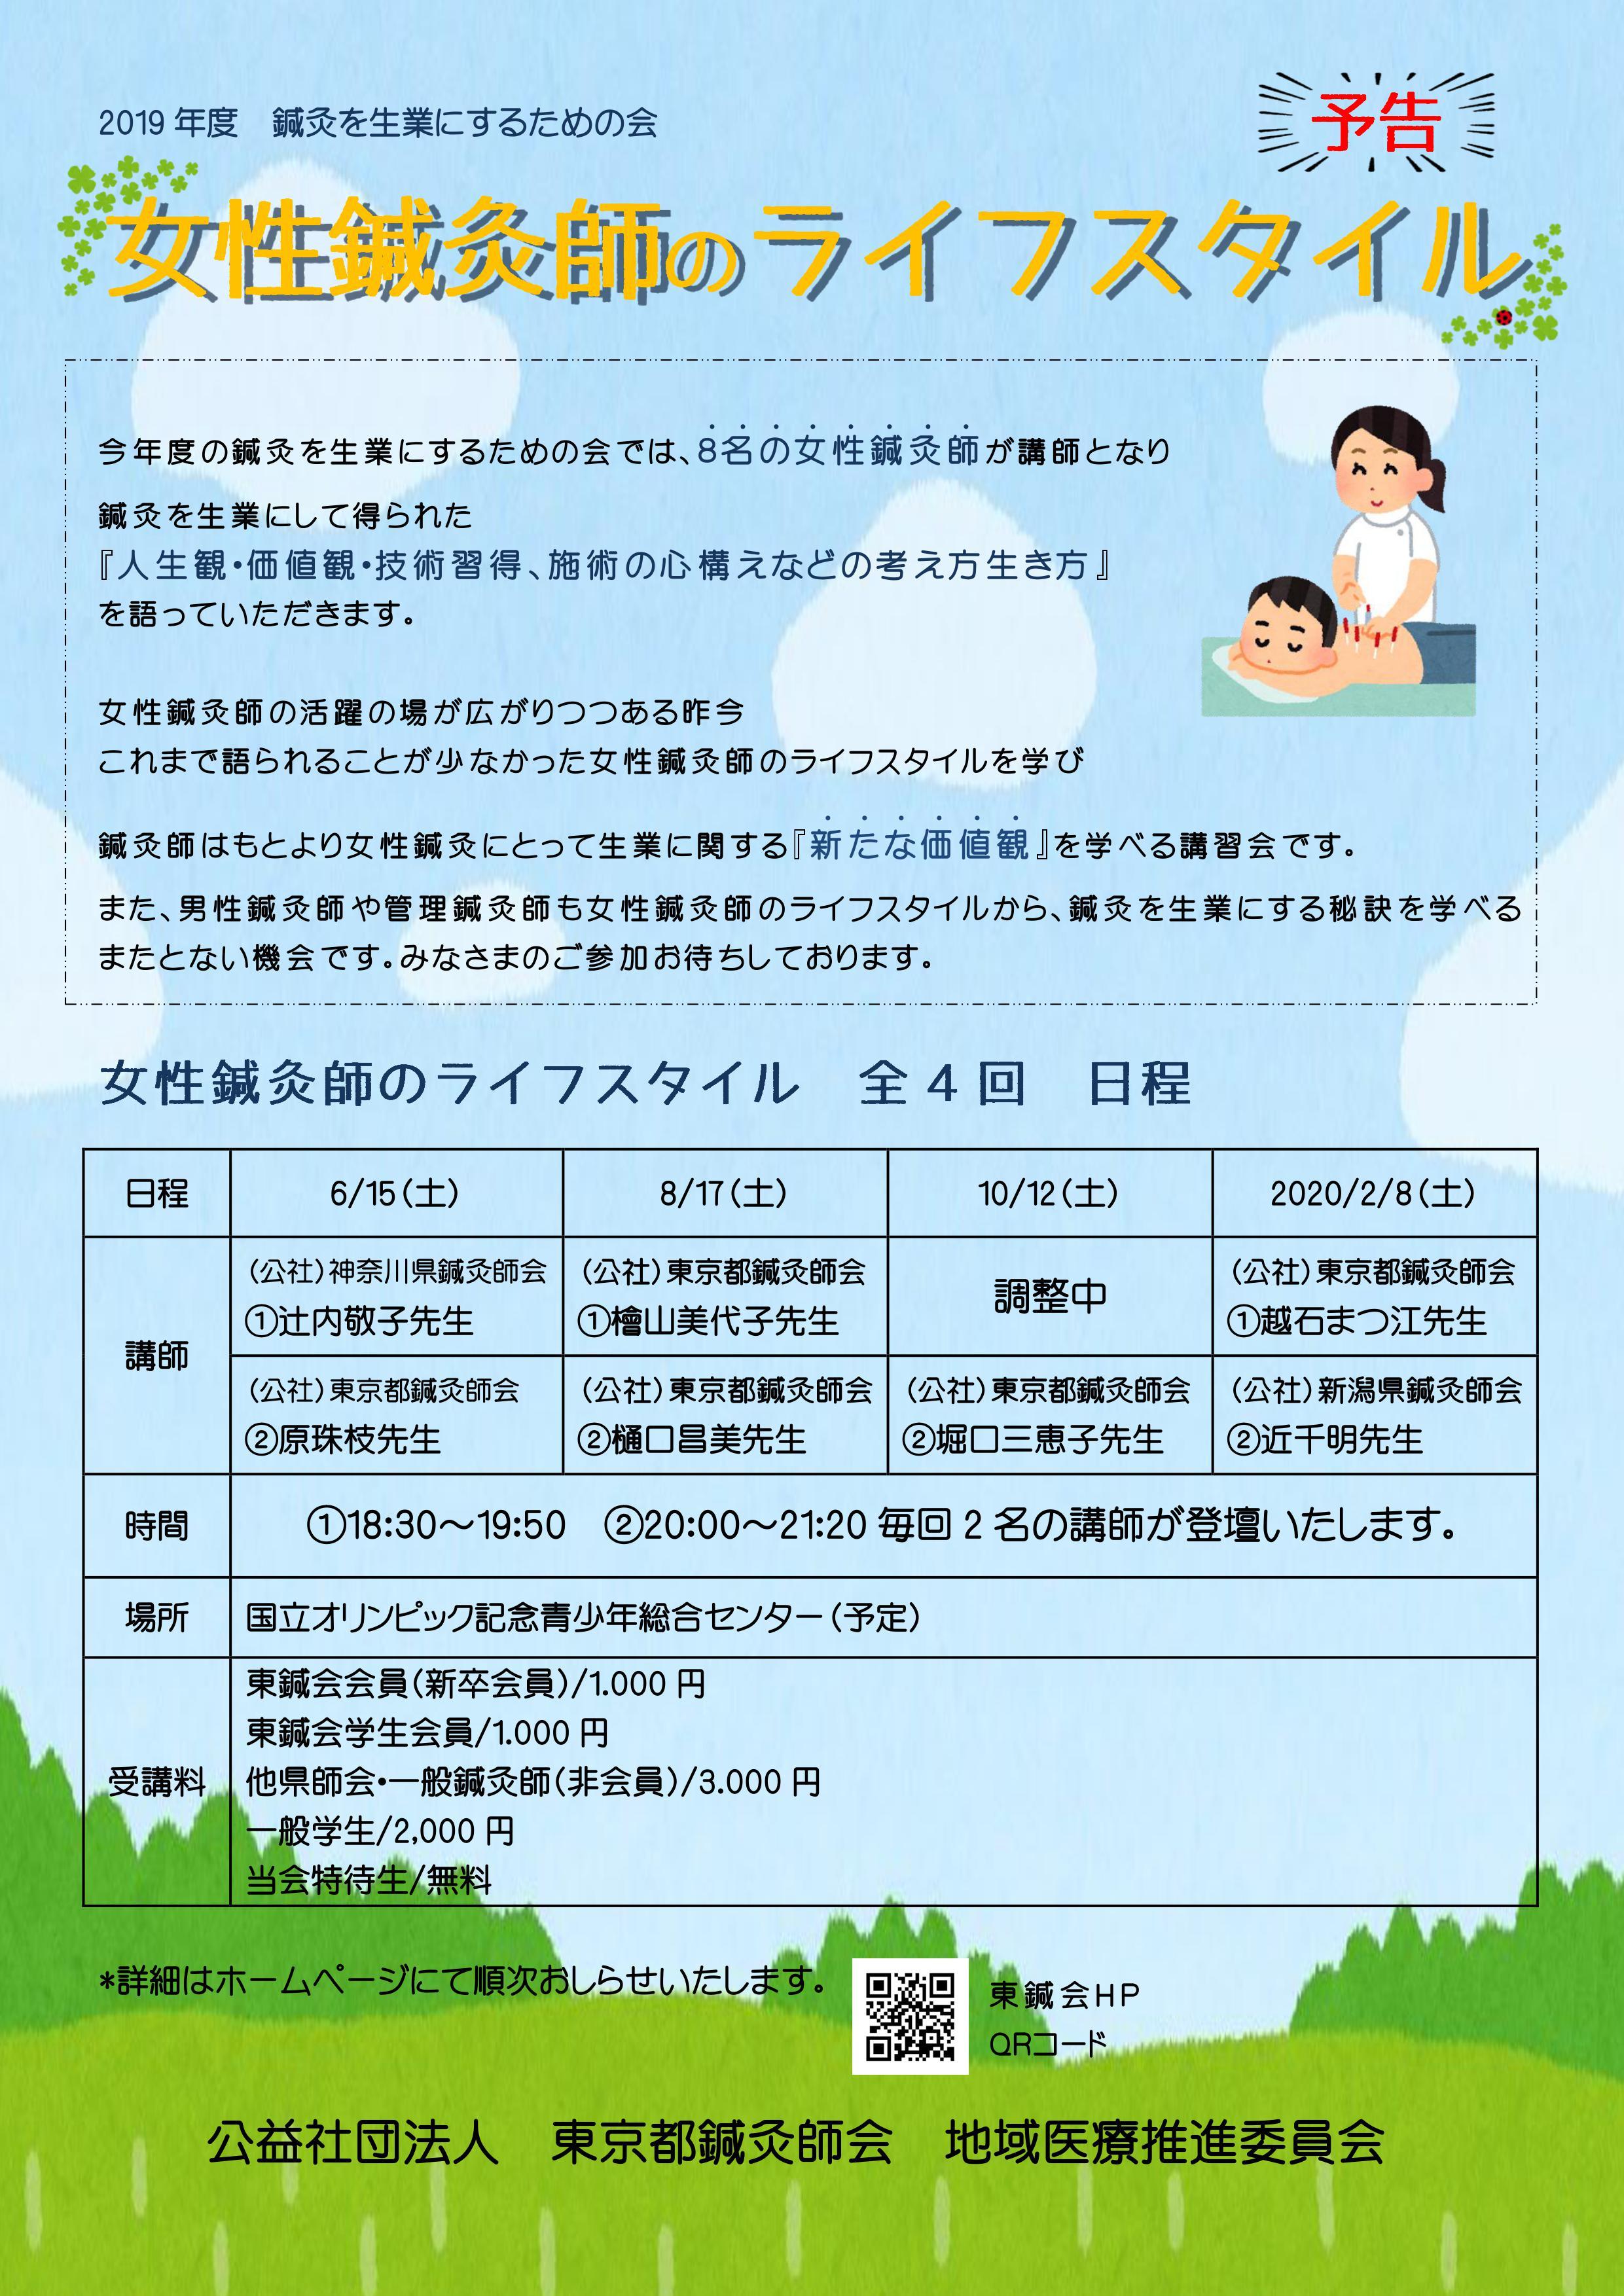 鍼灸を生業するための会越石先生氏名修正